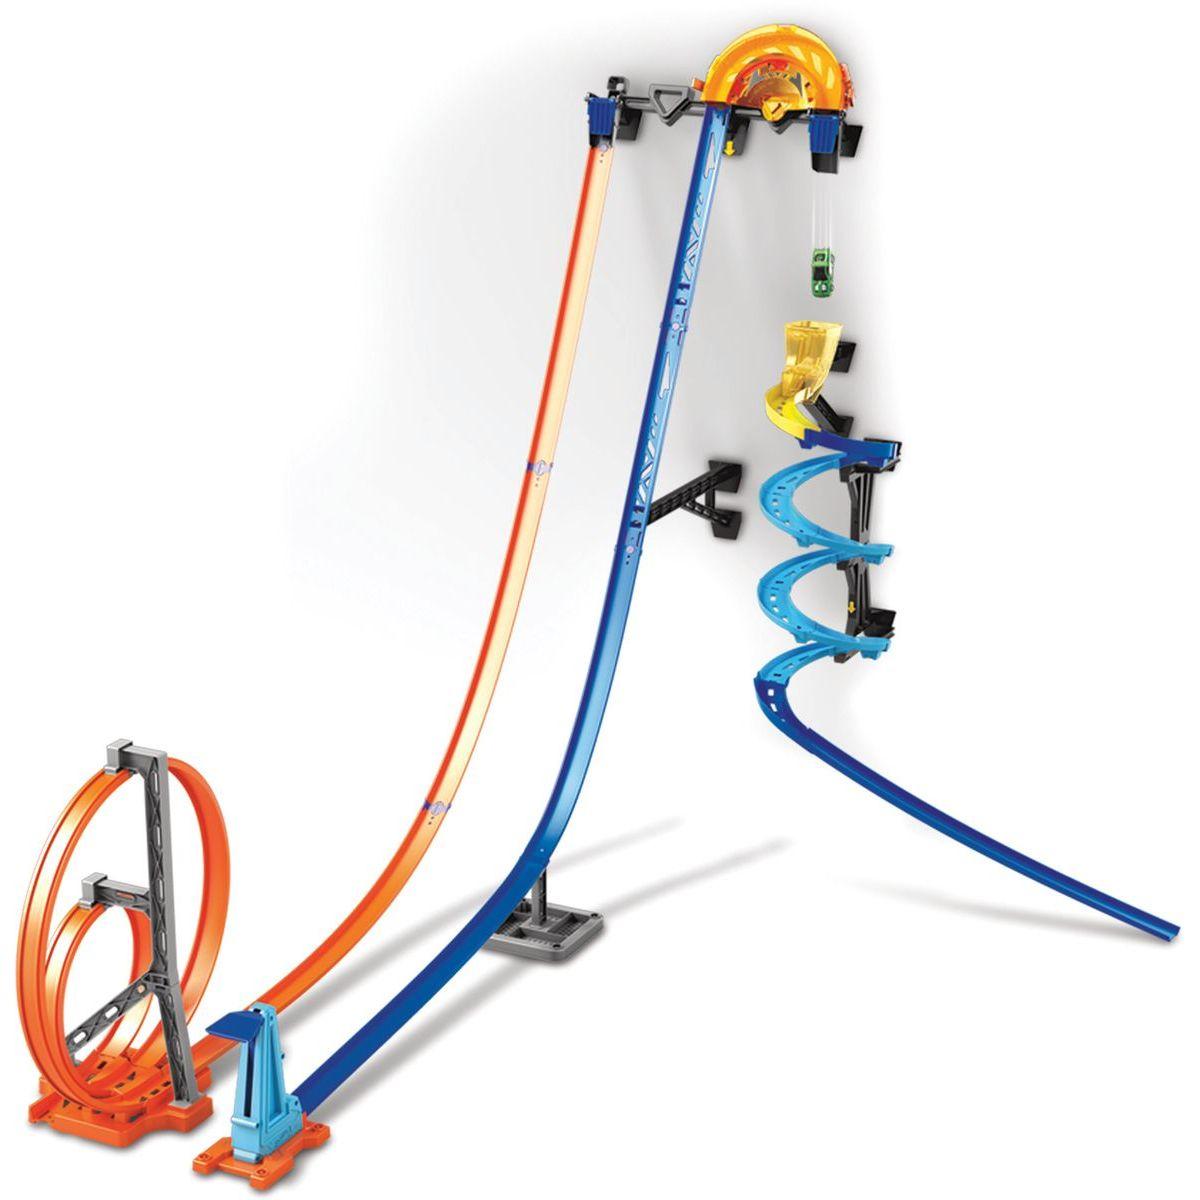 Mattel Hot Wheels track builder svislá dráha